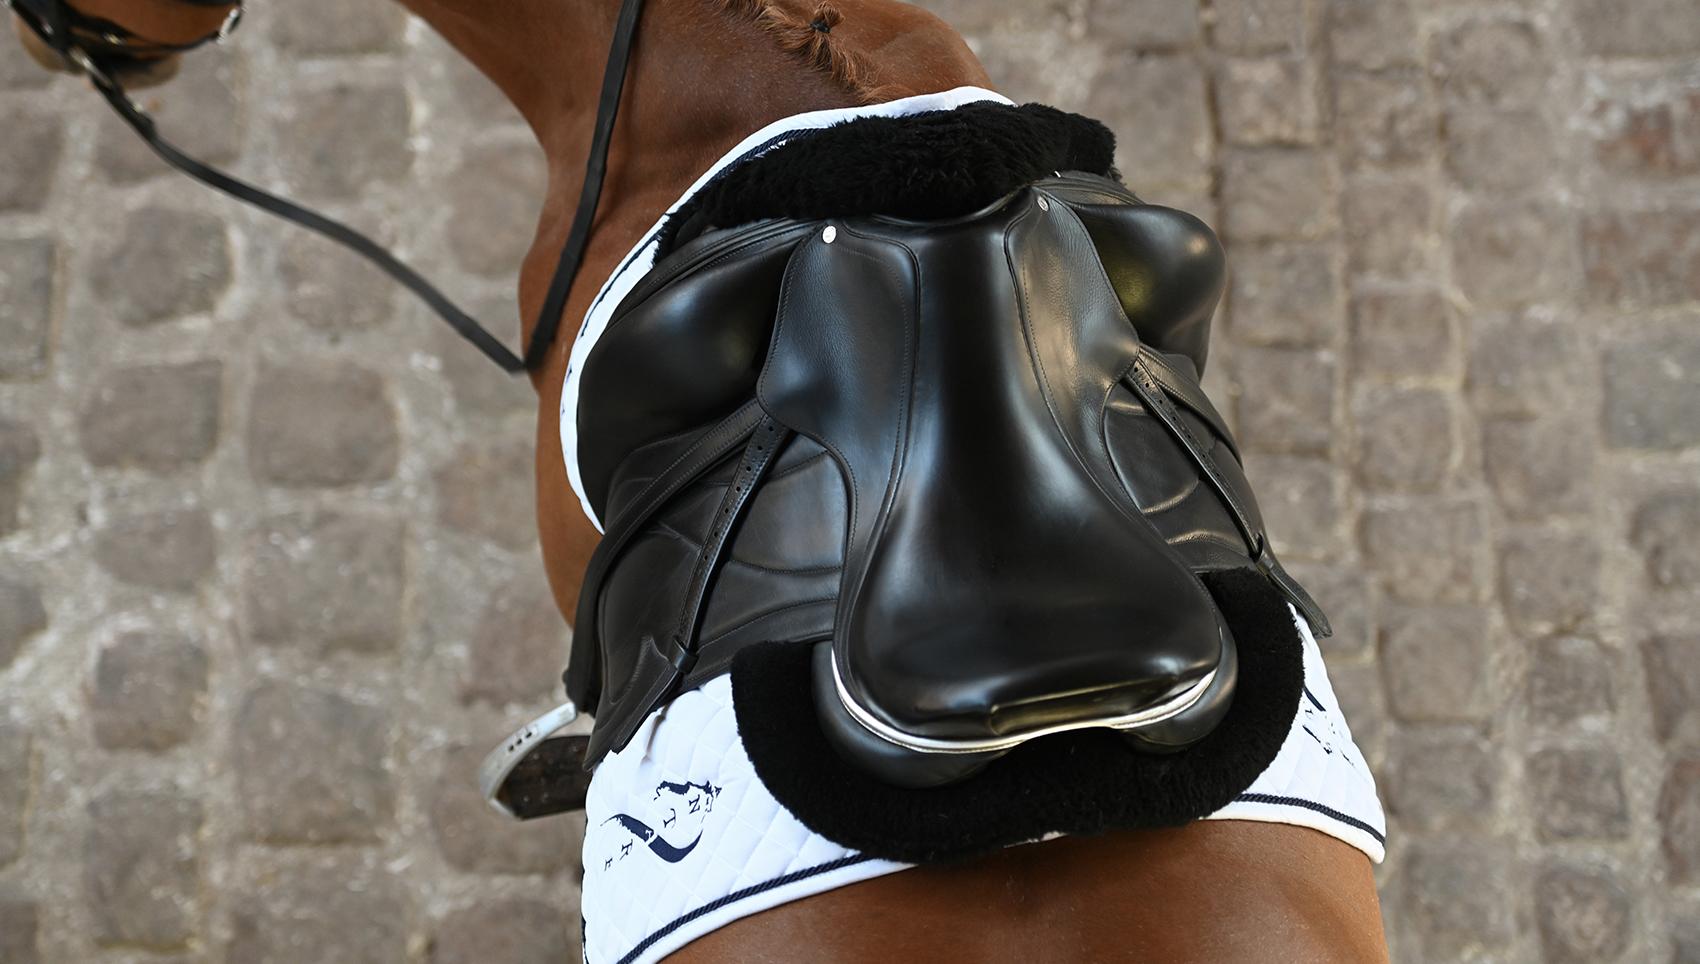 dressage saddle antares horse saddle leather custom